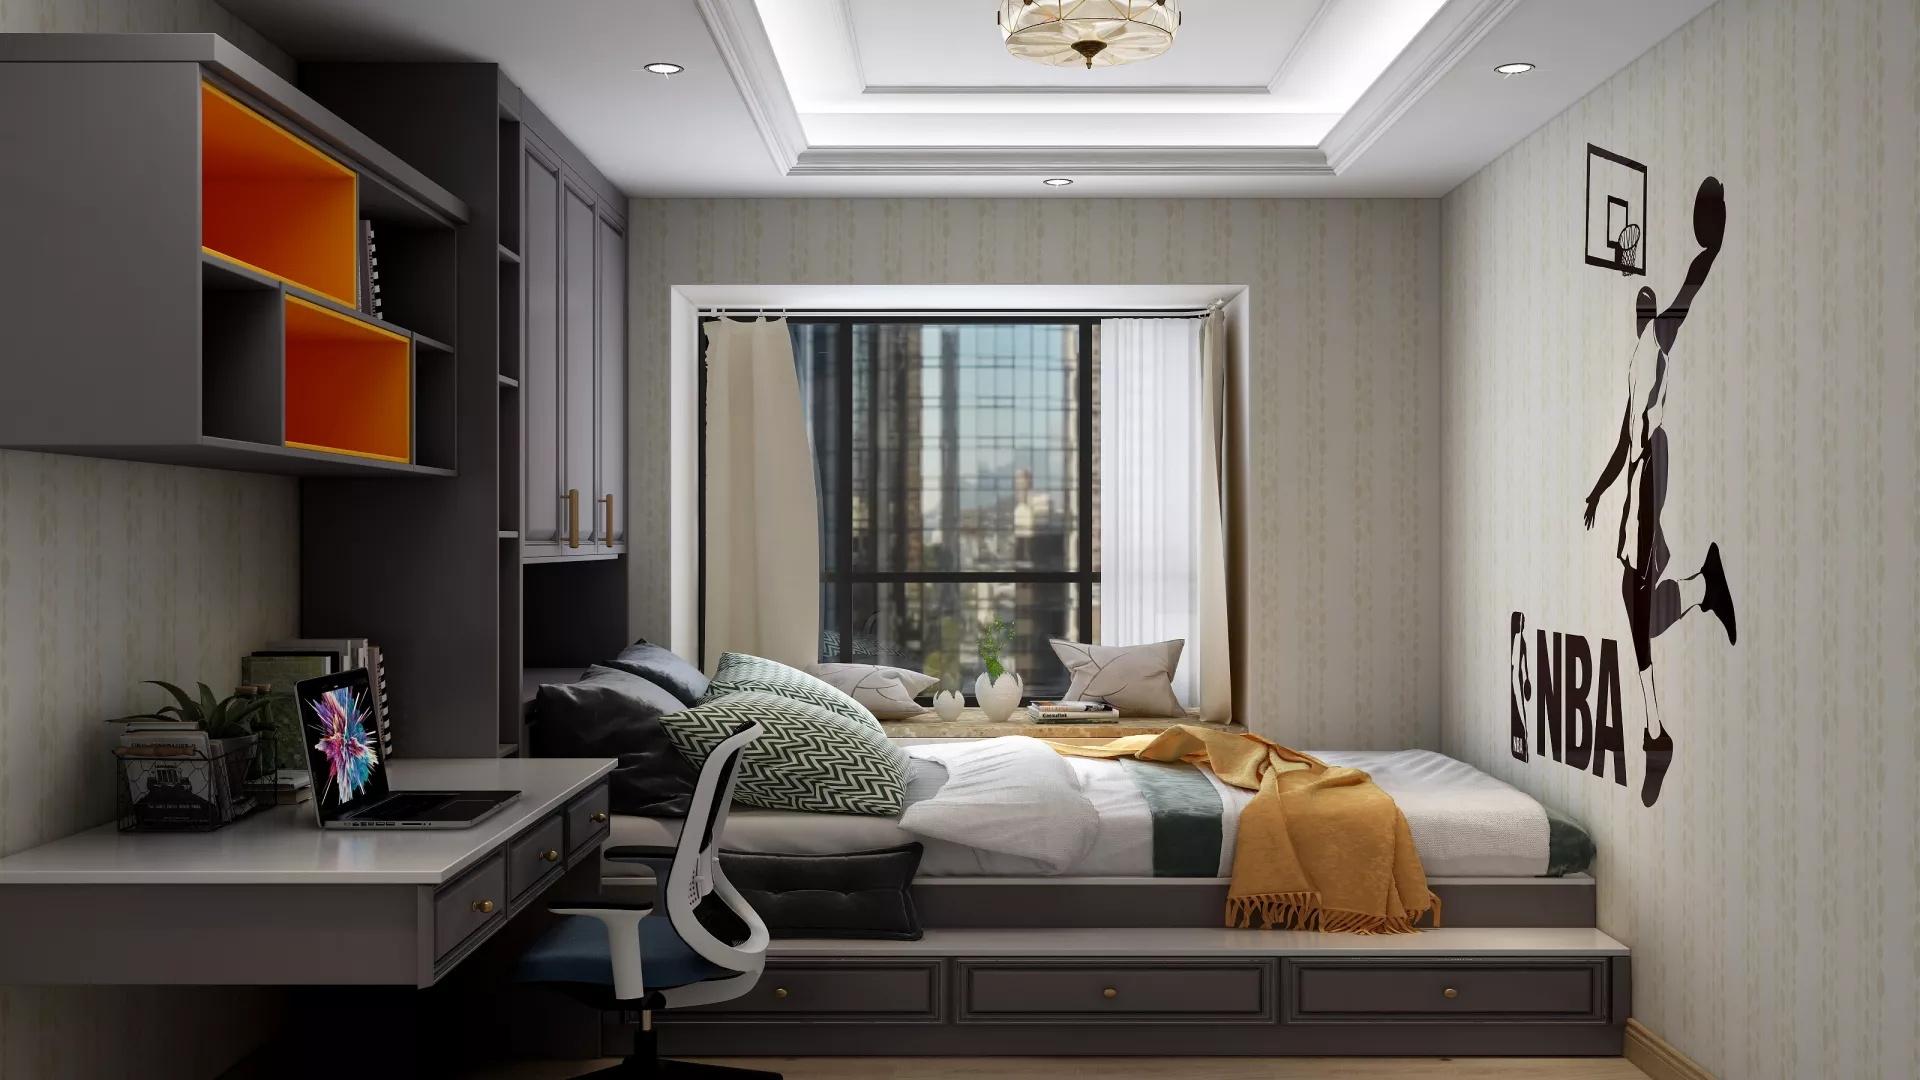 卧室小怎么办?5个方案轻松拯救你的小卧室!